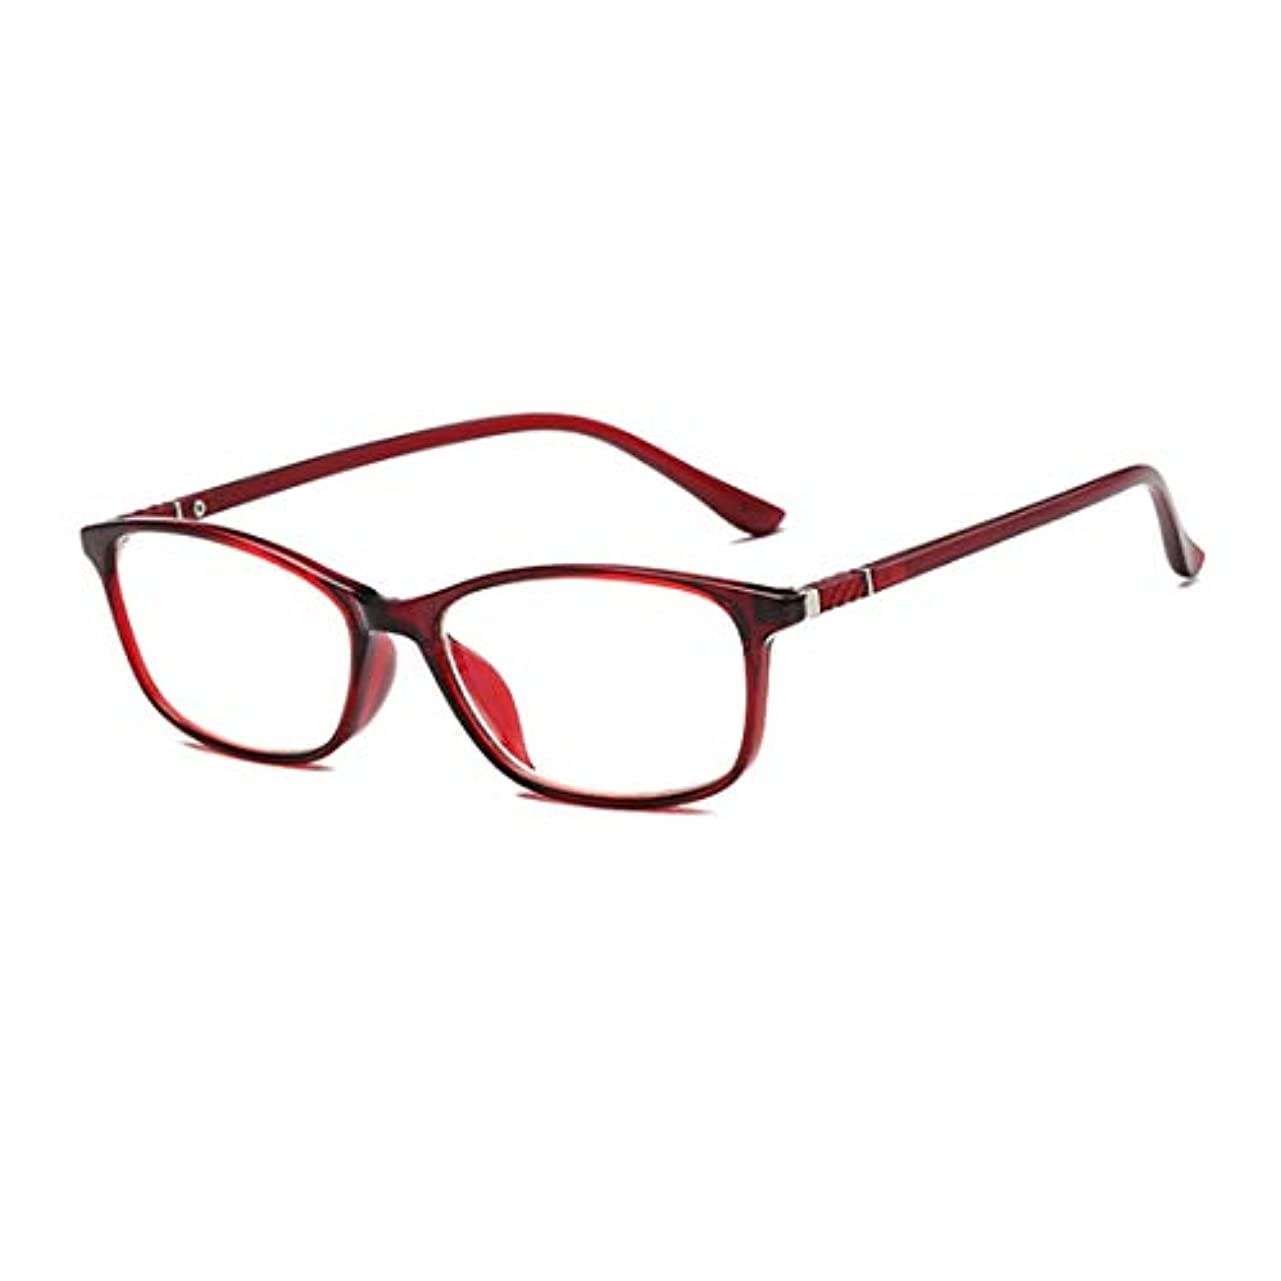 レディースファッションリーダー読書用メガネ、コンピューターアンチブルーライト抗疲労メガネ、目を保護、非球面レンズ、透明で透明